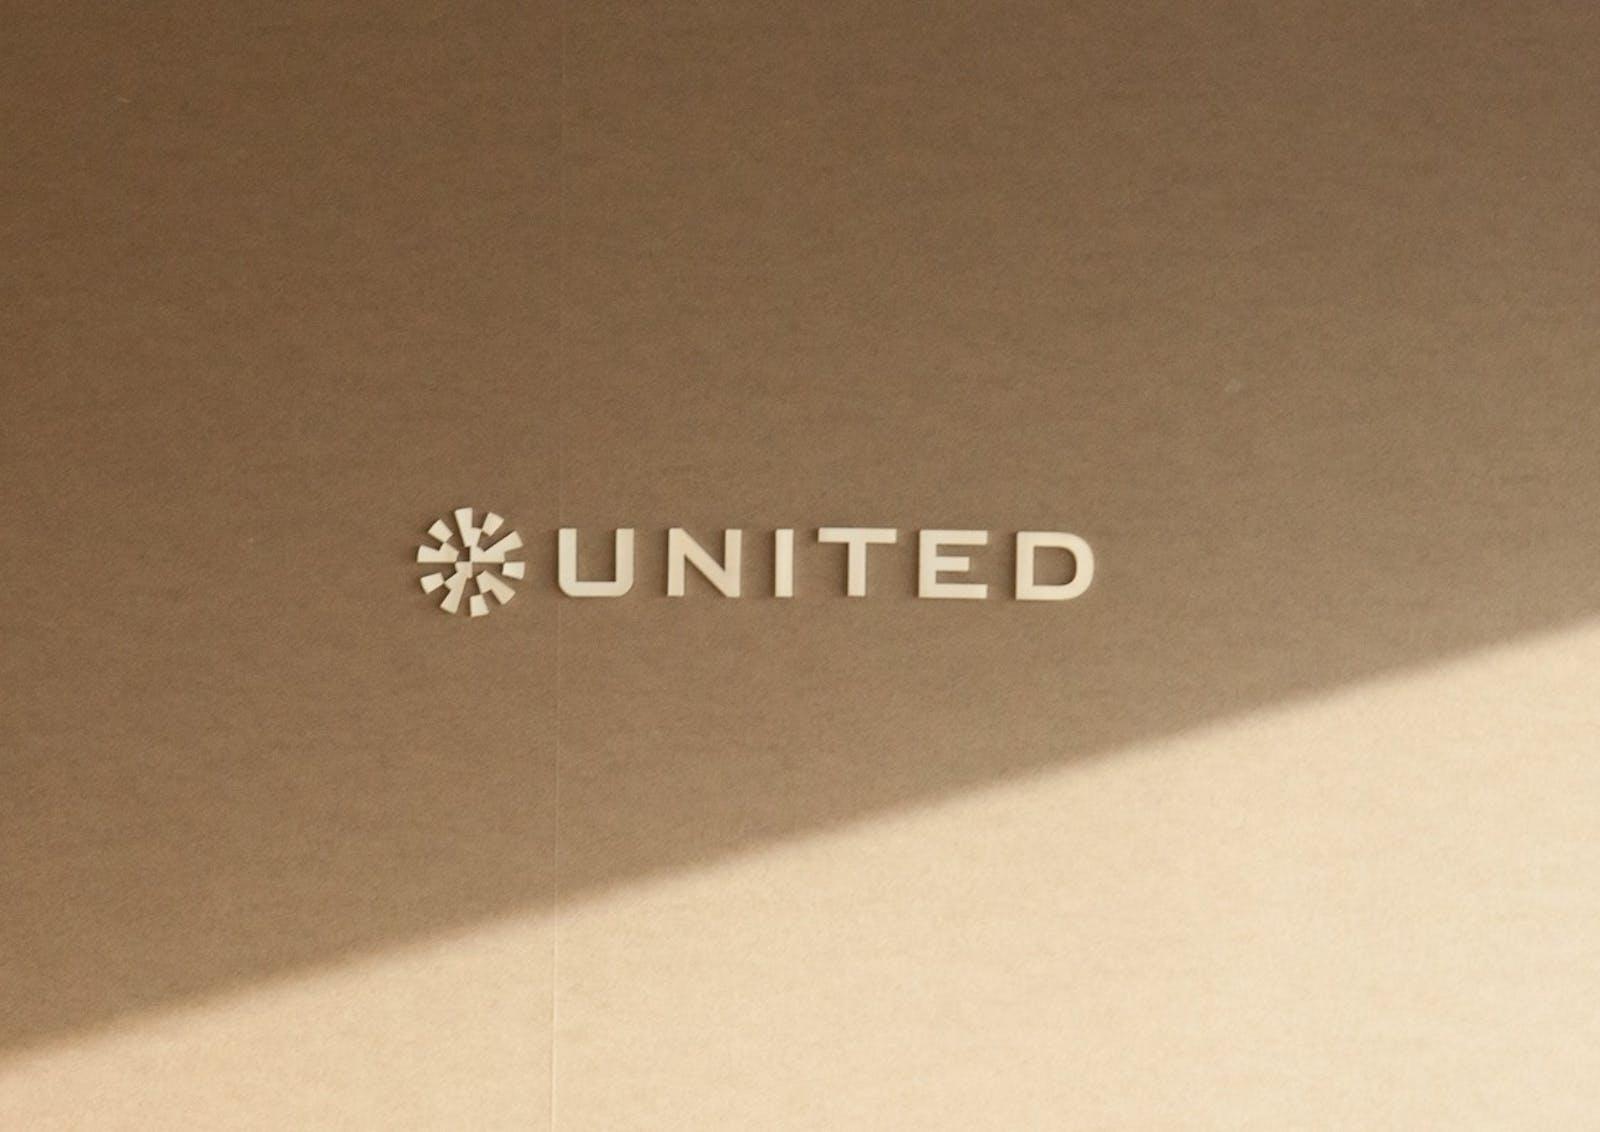 ユナイテッド株式会社のアイキャッチ画像